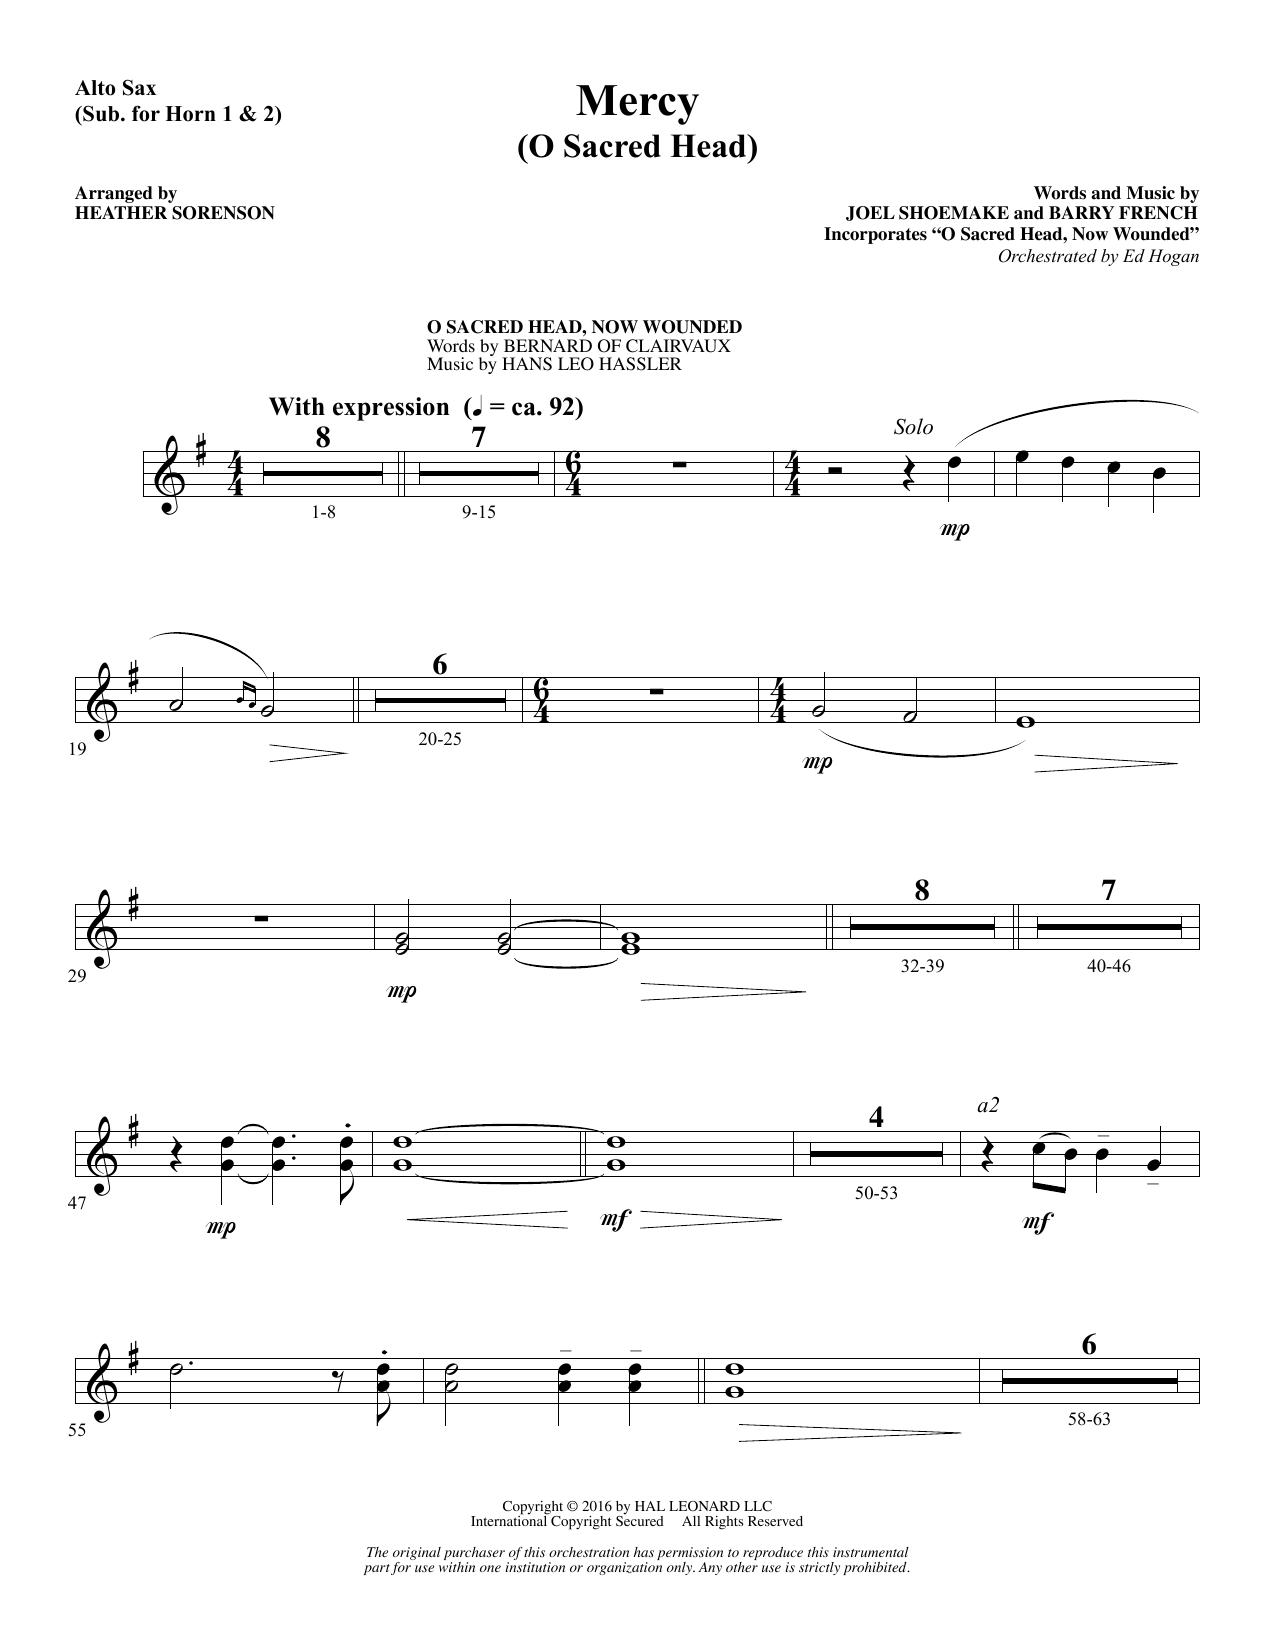 Mercy (O Sacred Head) - Alto Sax 1-2 (sub. Horn 1-2)